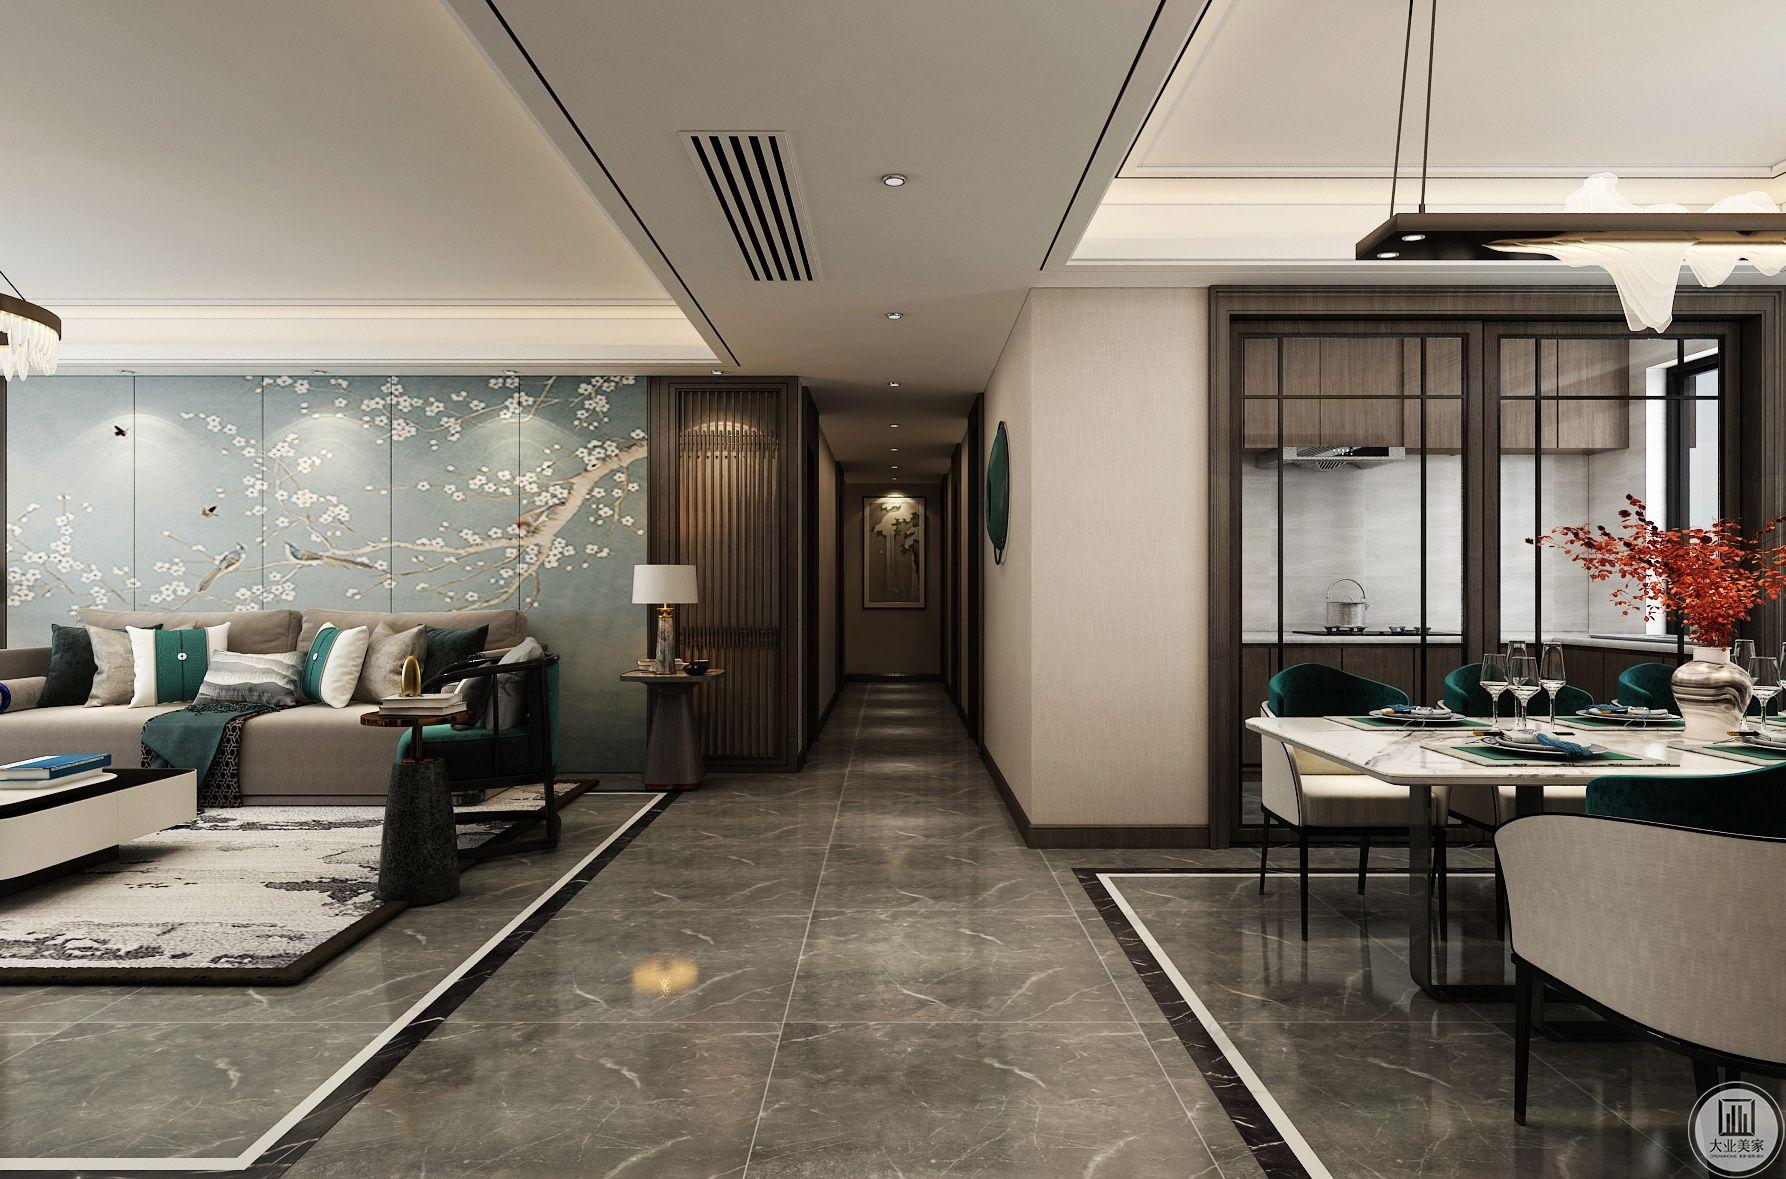 地面铺瓷砖,客厅餐厅加串边,划分区域